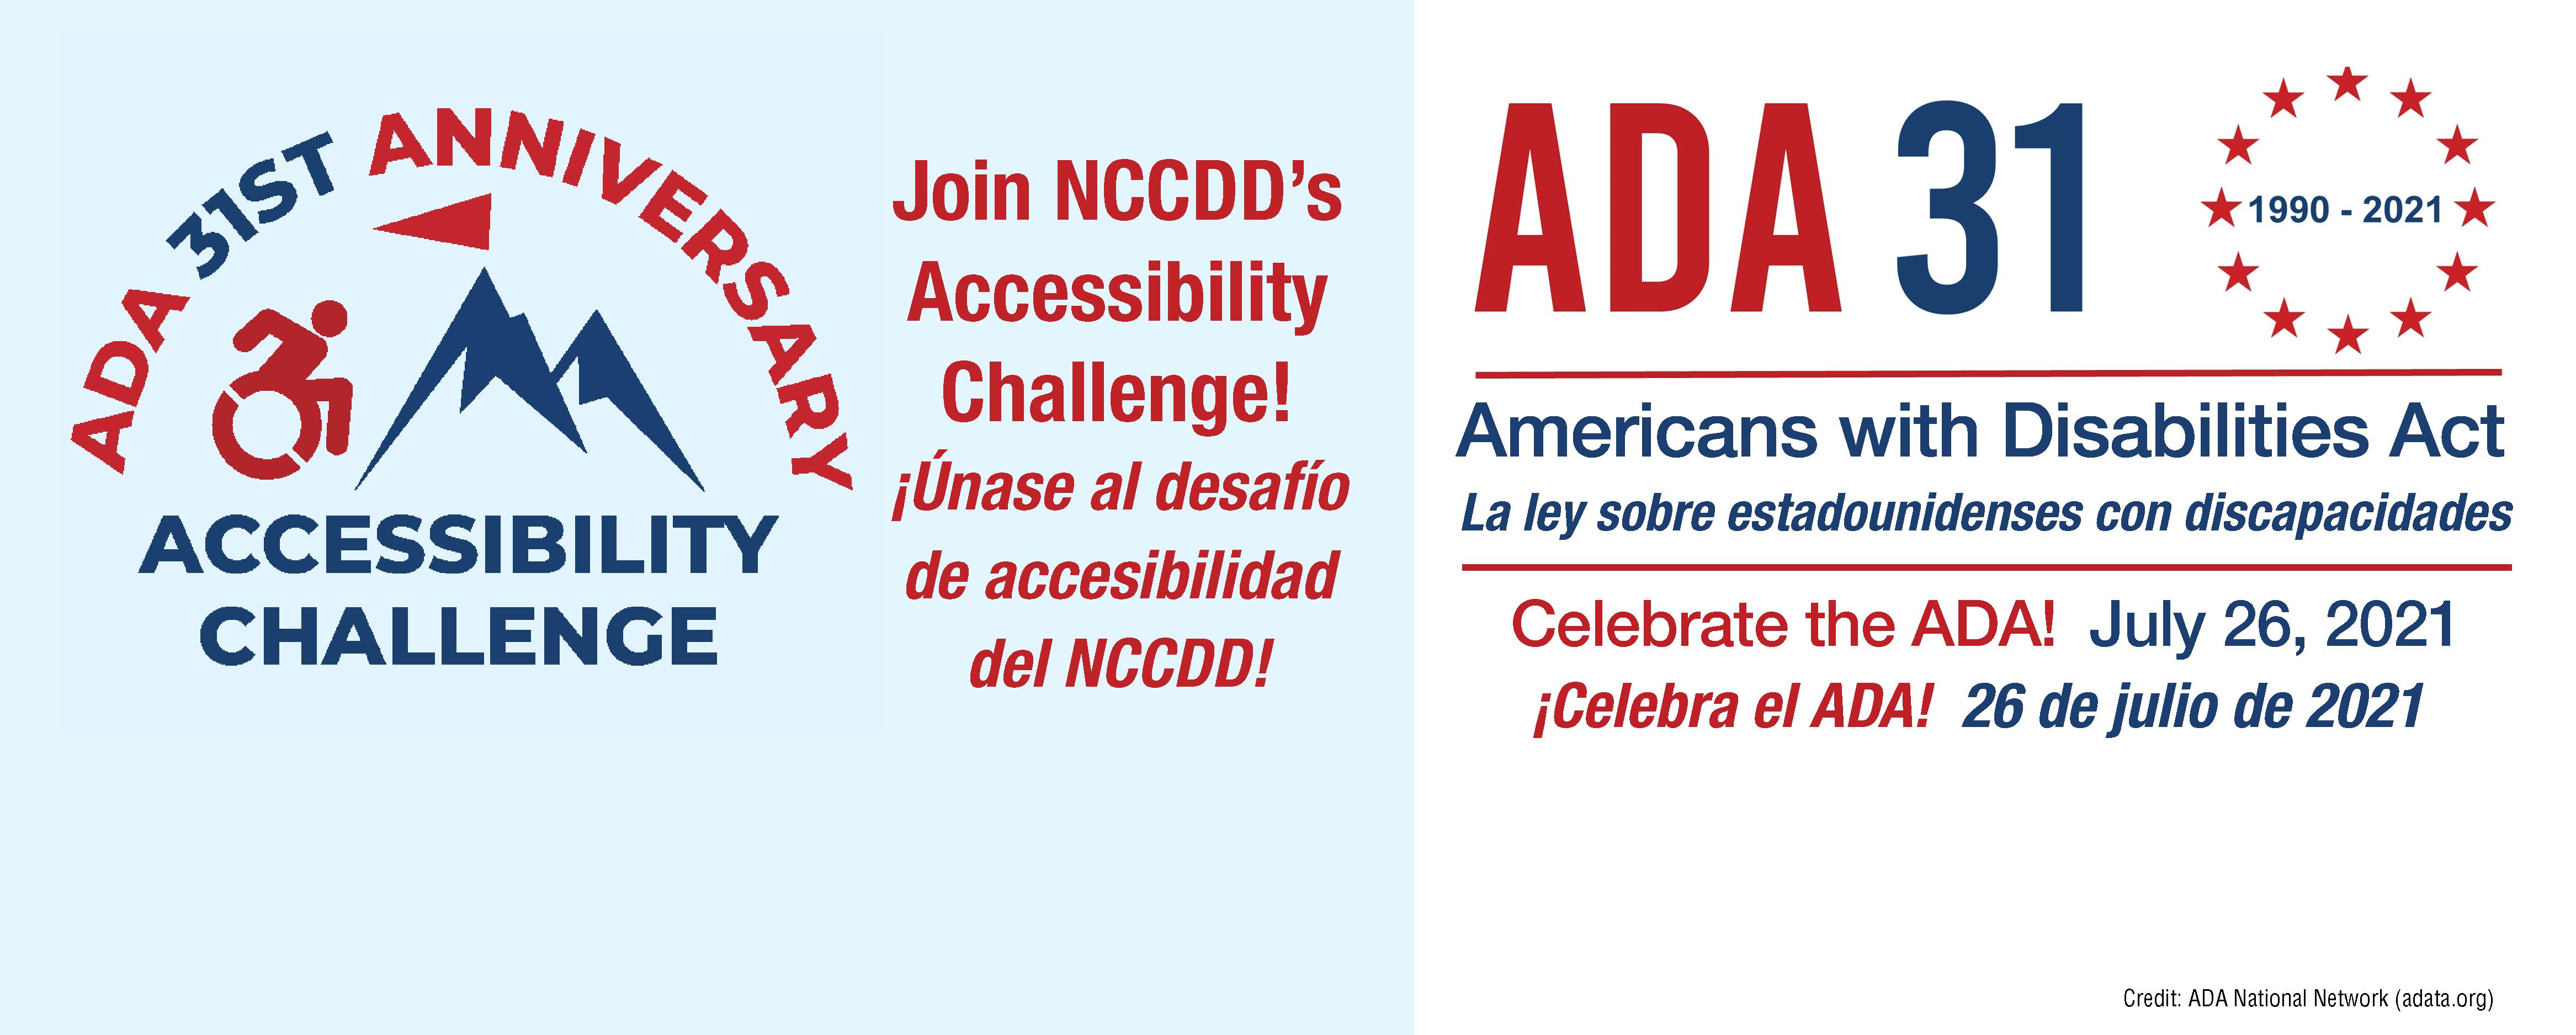 Celebrate the ADA!  July 26, 2021 ¡Celebra el ADA!  26 de julio de 2021 Join NCCDD's Accessibility Challenge! ¡Únase al desafío de accesibilidad del NCCDD!